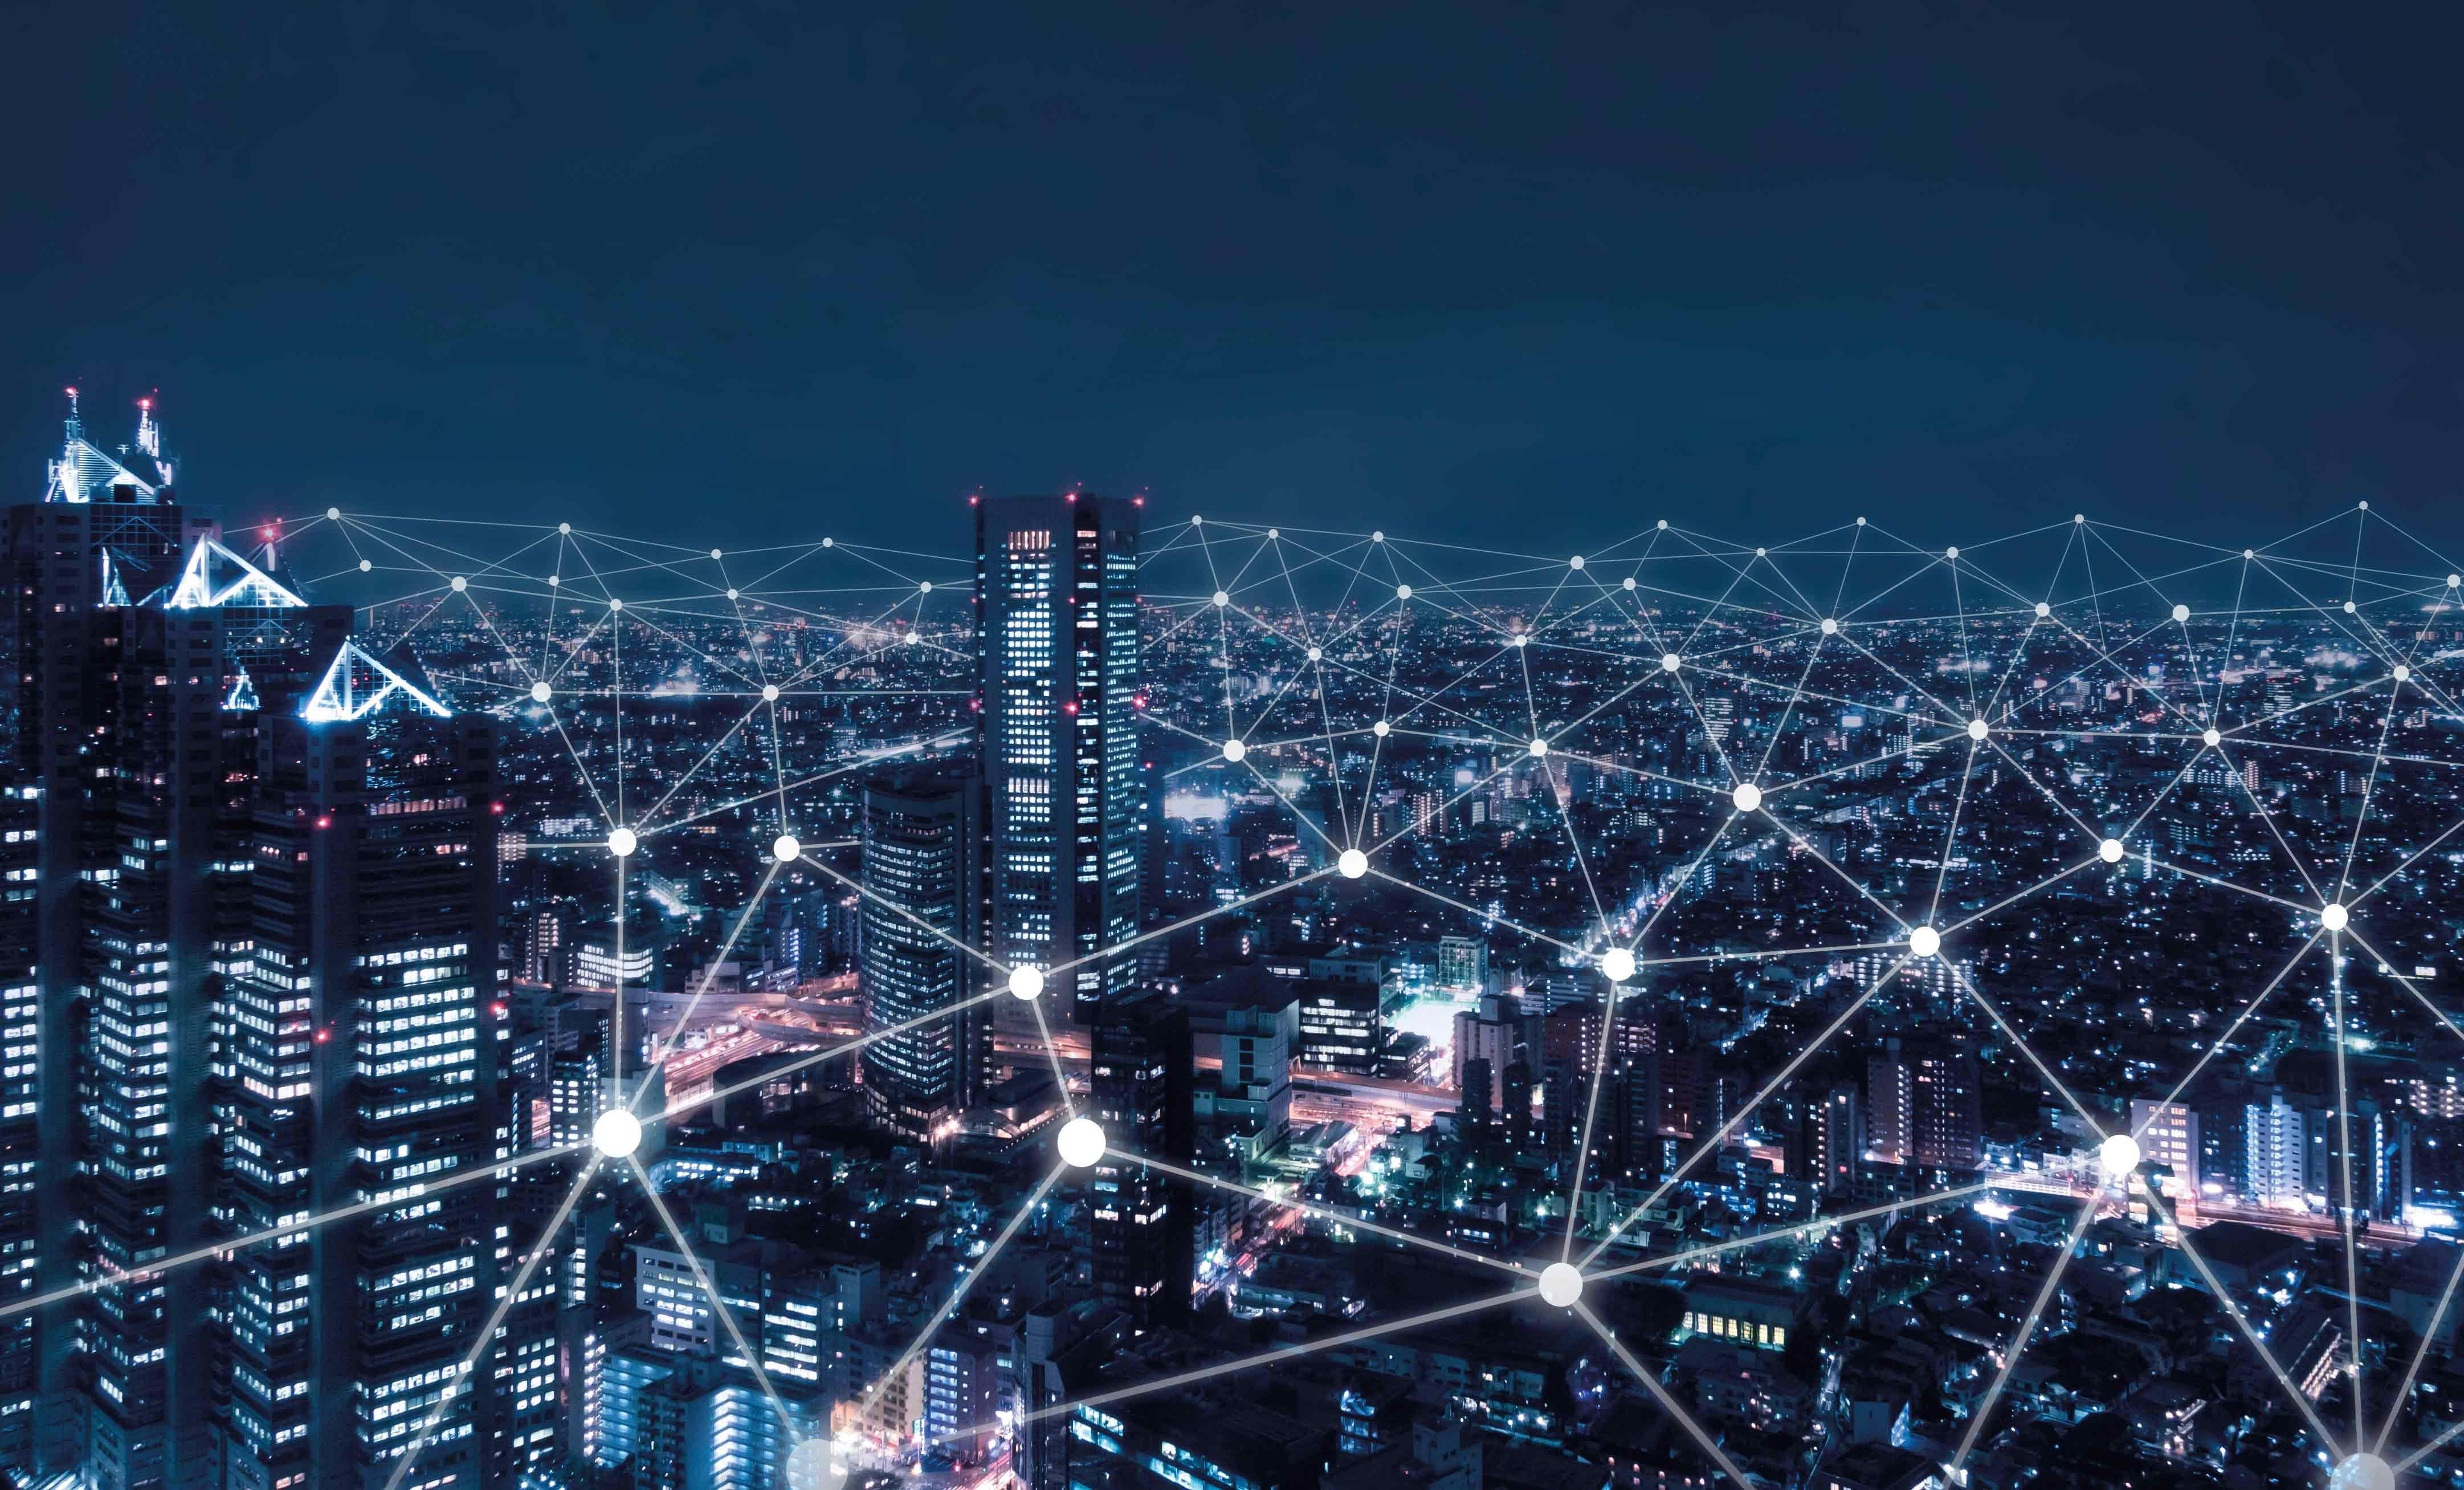 Telefónica, Claro, Internexa y Optical apuestan por soluciones en la nube y de colaboración para mitigar efectos del Covid-19